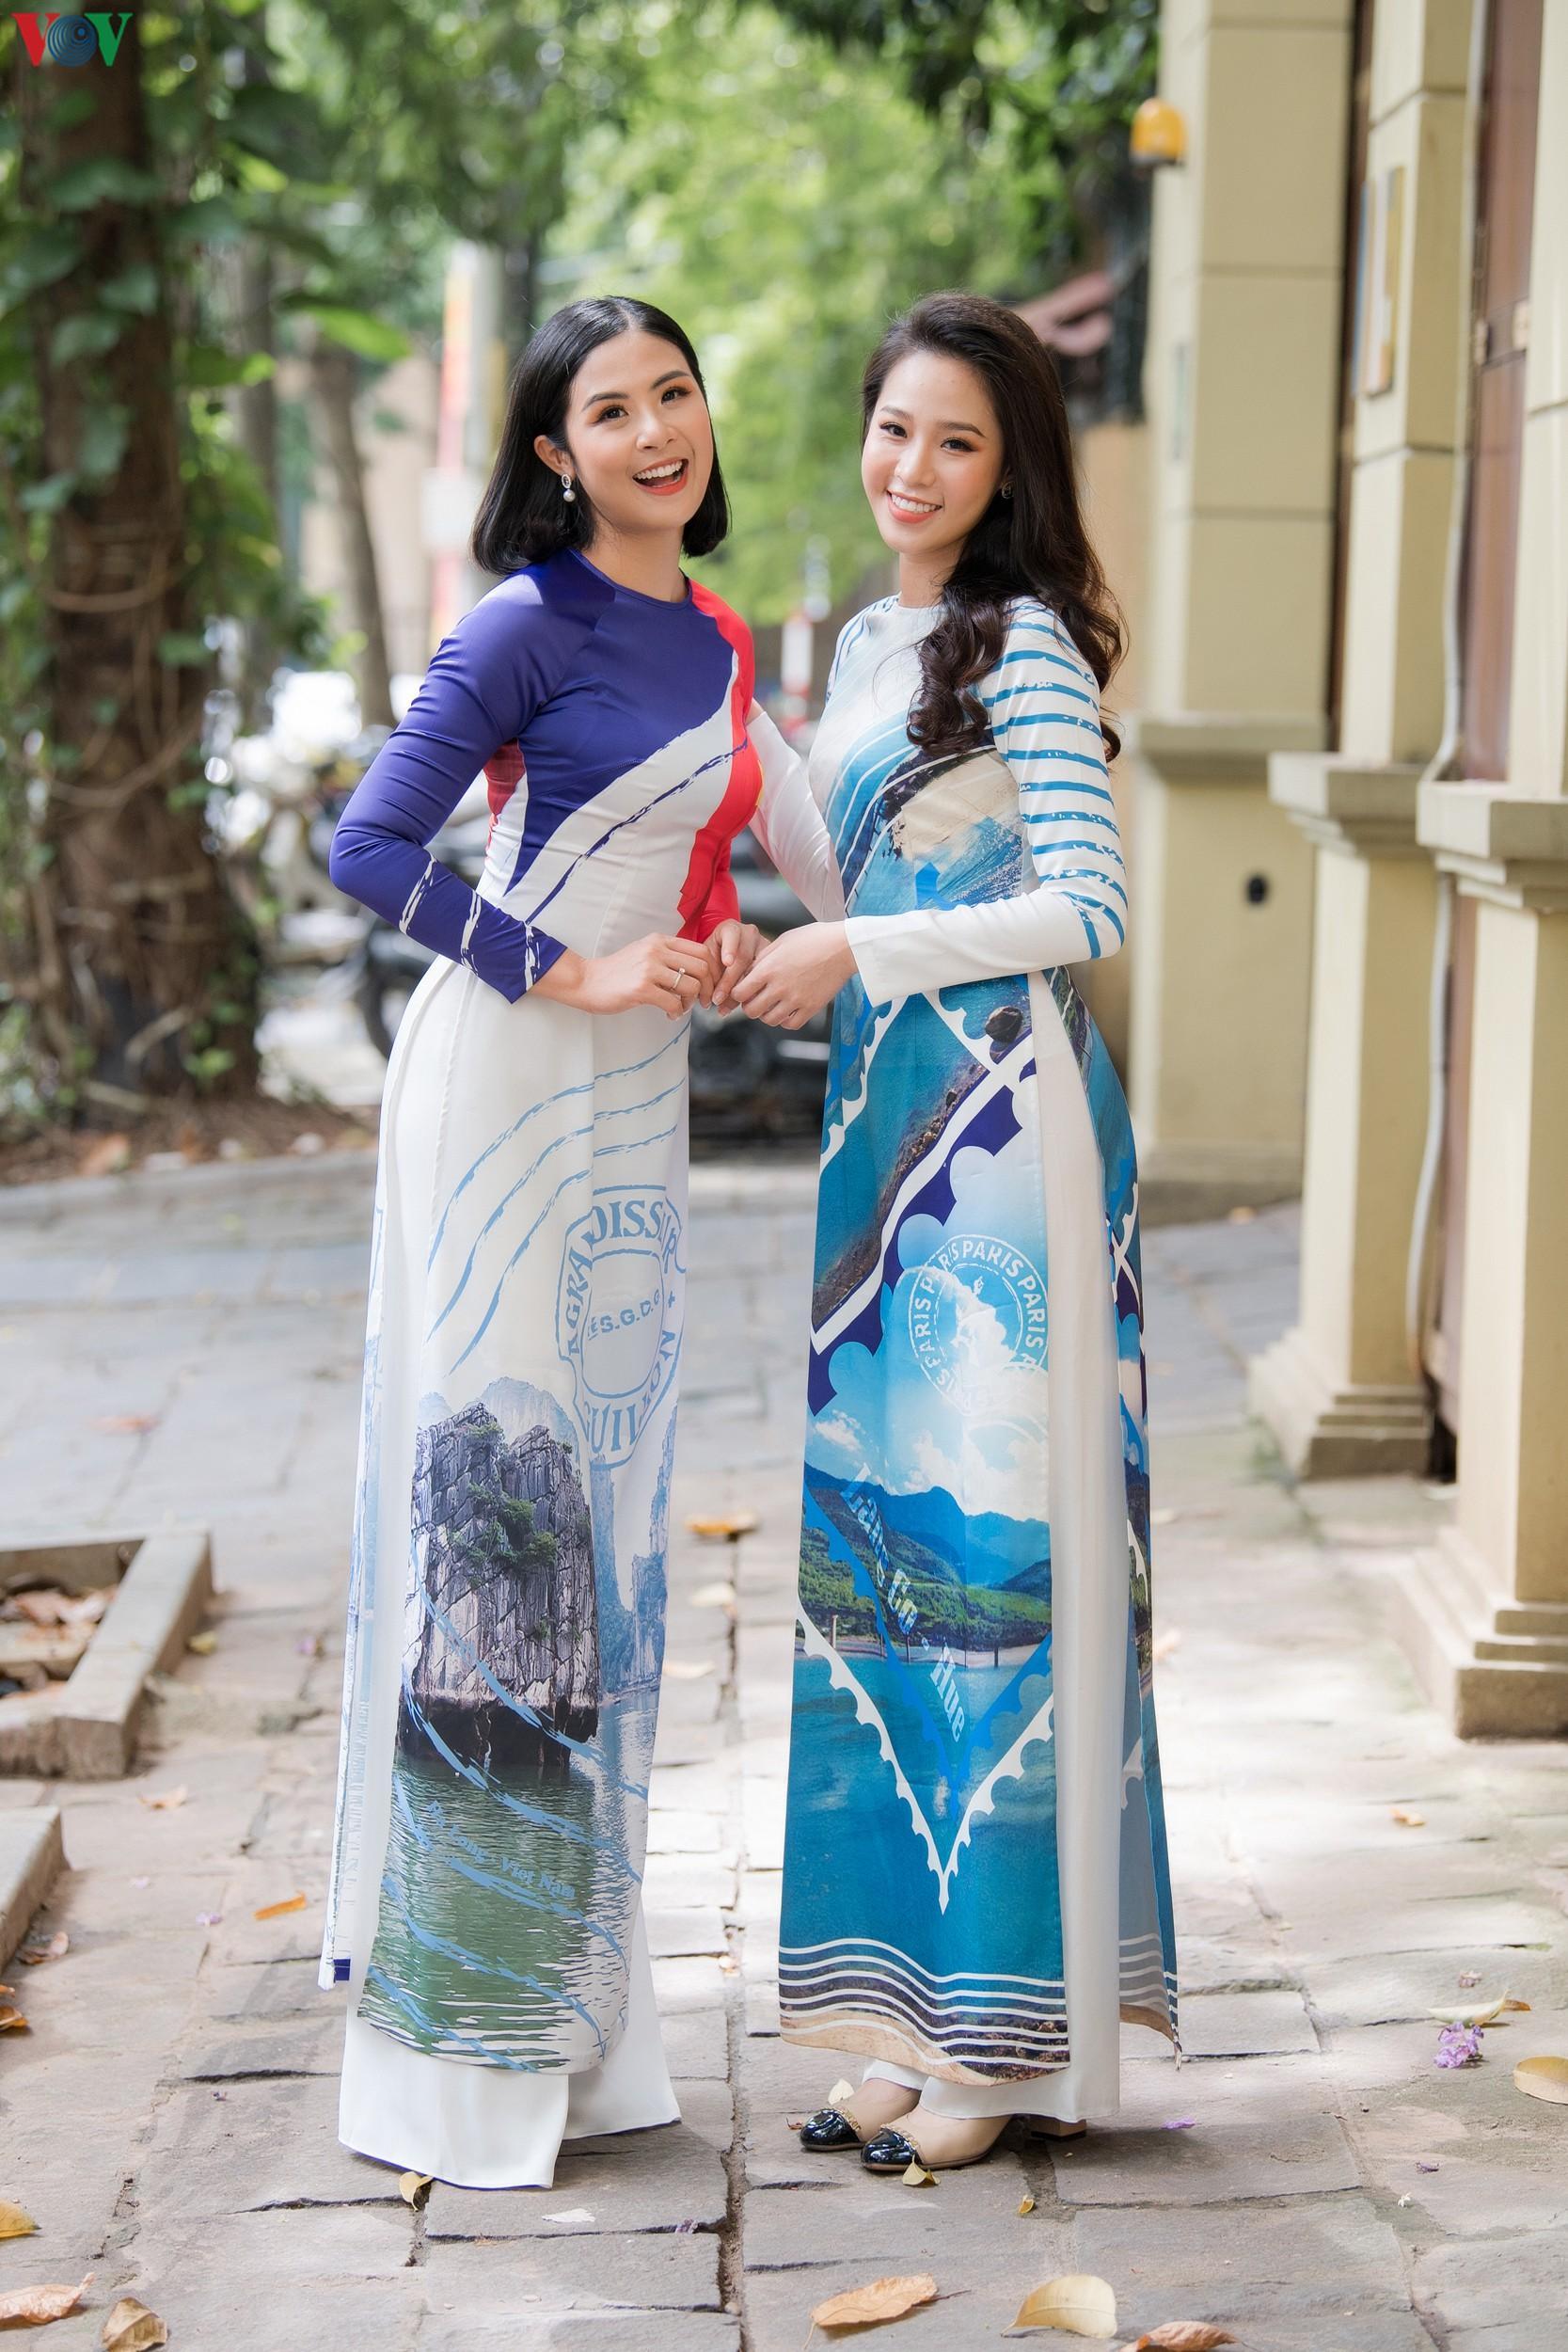 Hoa hậu Ngọc Hân, Đỗ Mỹ Linh đọ dáng với áo dài in hình biển đảo Ảnh 7